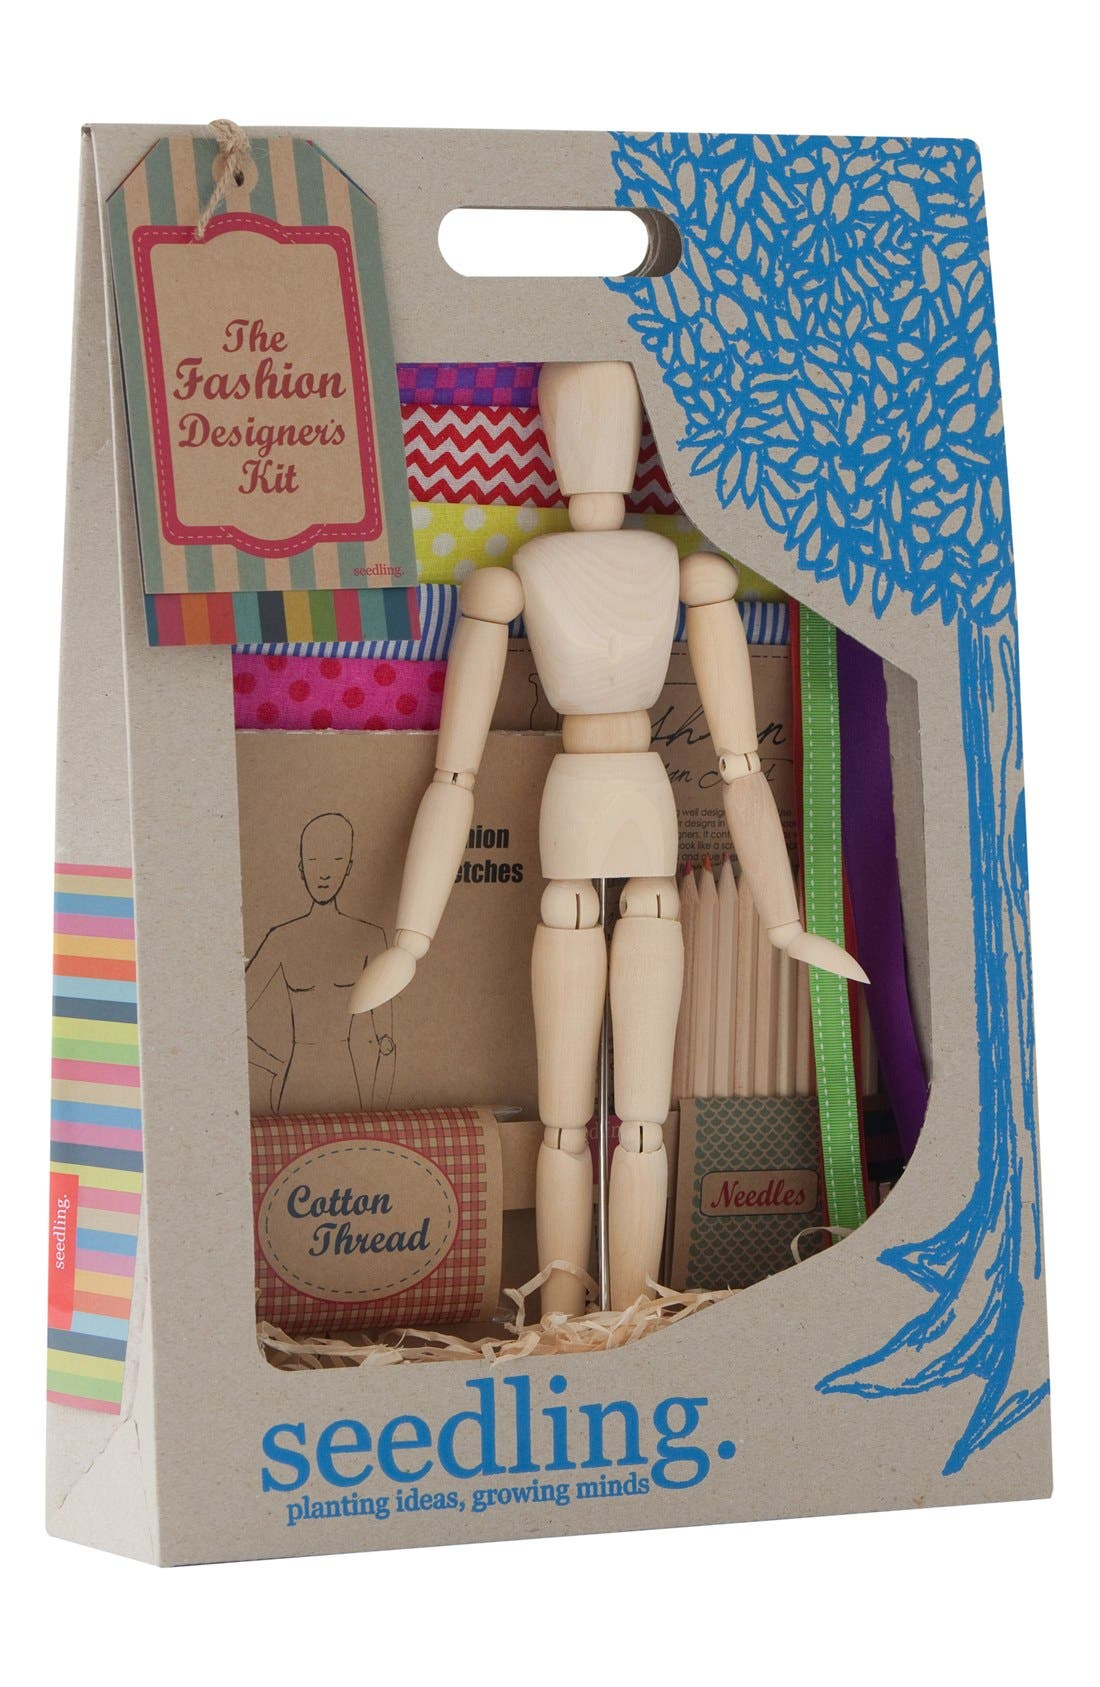 seedling 'Fashion Designers' Kit